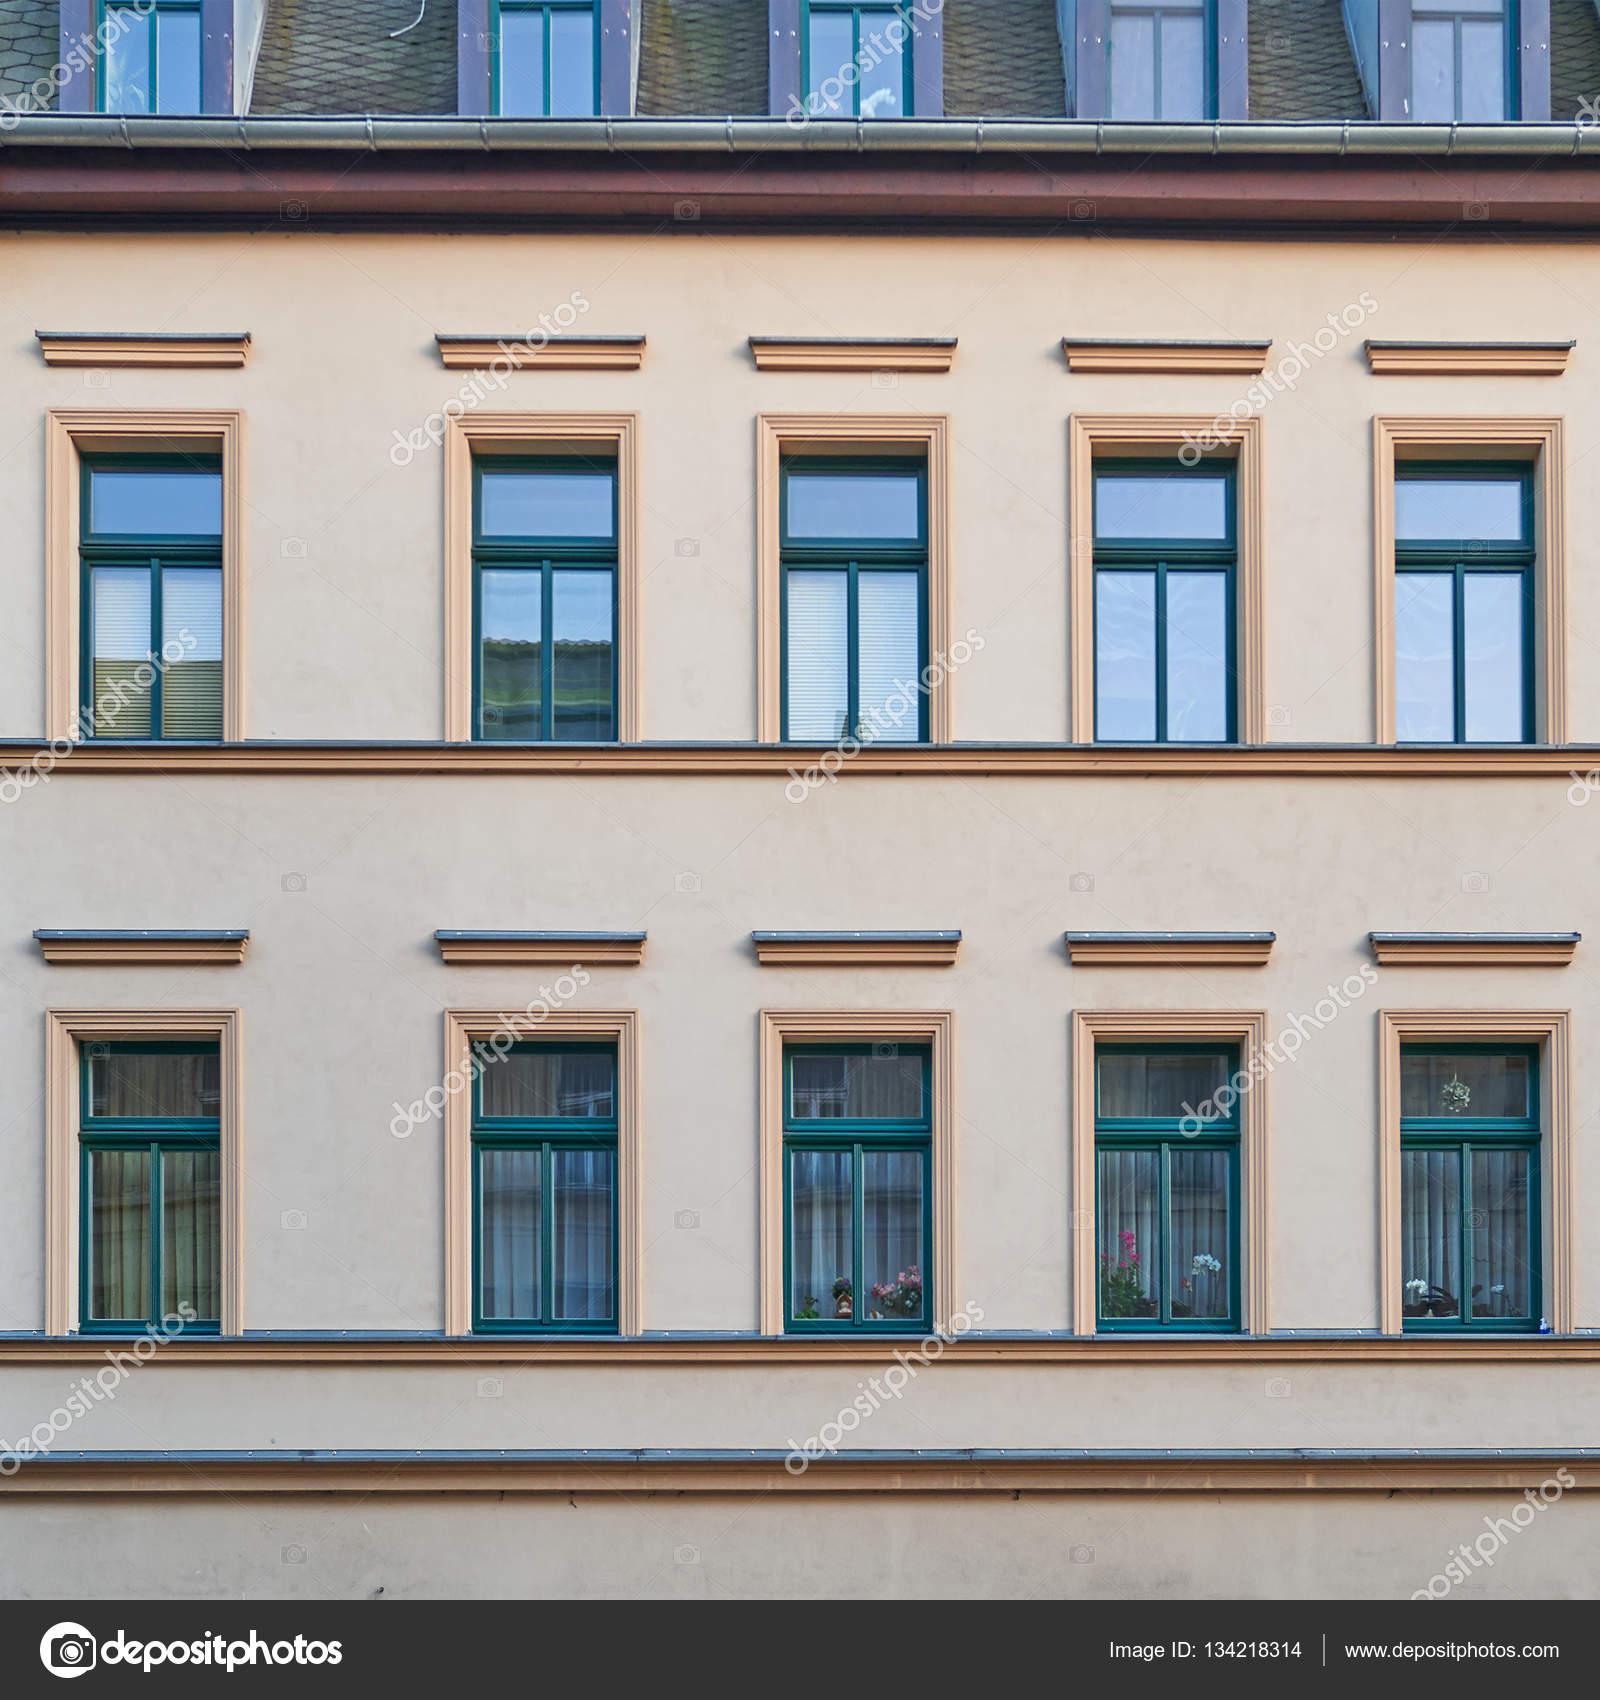 Modele facade maison peinture pour facade maison concernant rouge de maison modle latest - Cuisine darty modele sorbonne ...